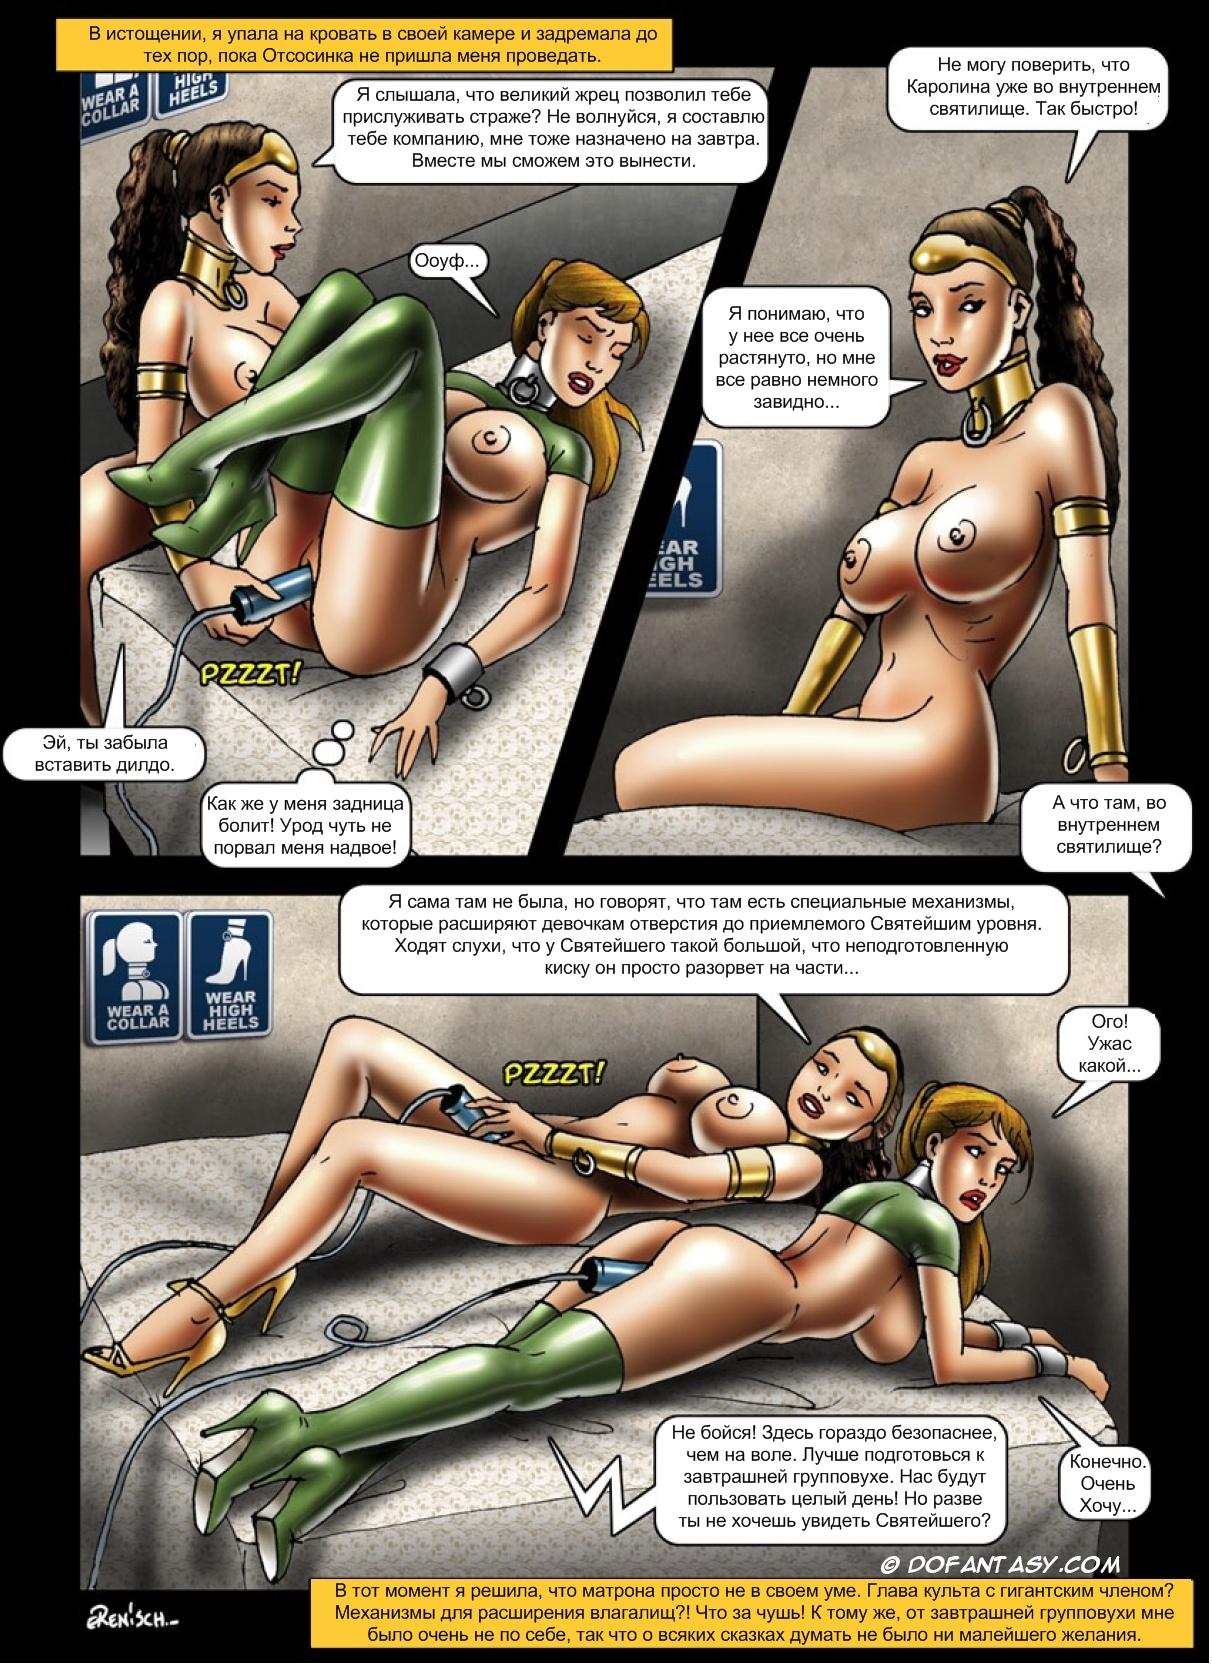 Смотреть групповую порнуху против воли 11 фотография